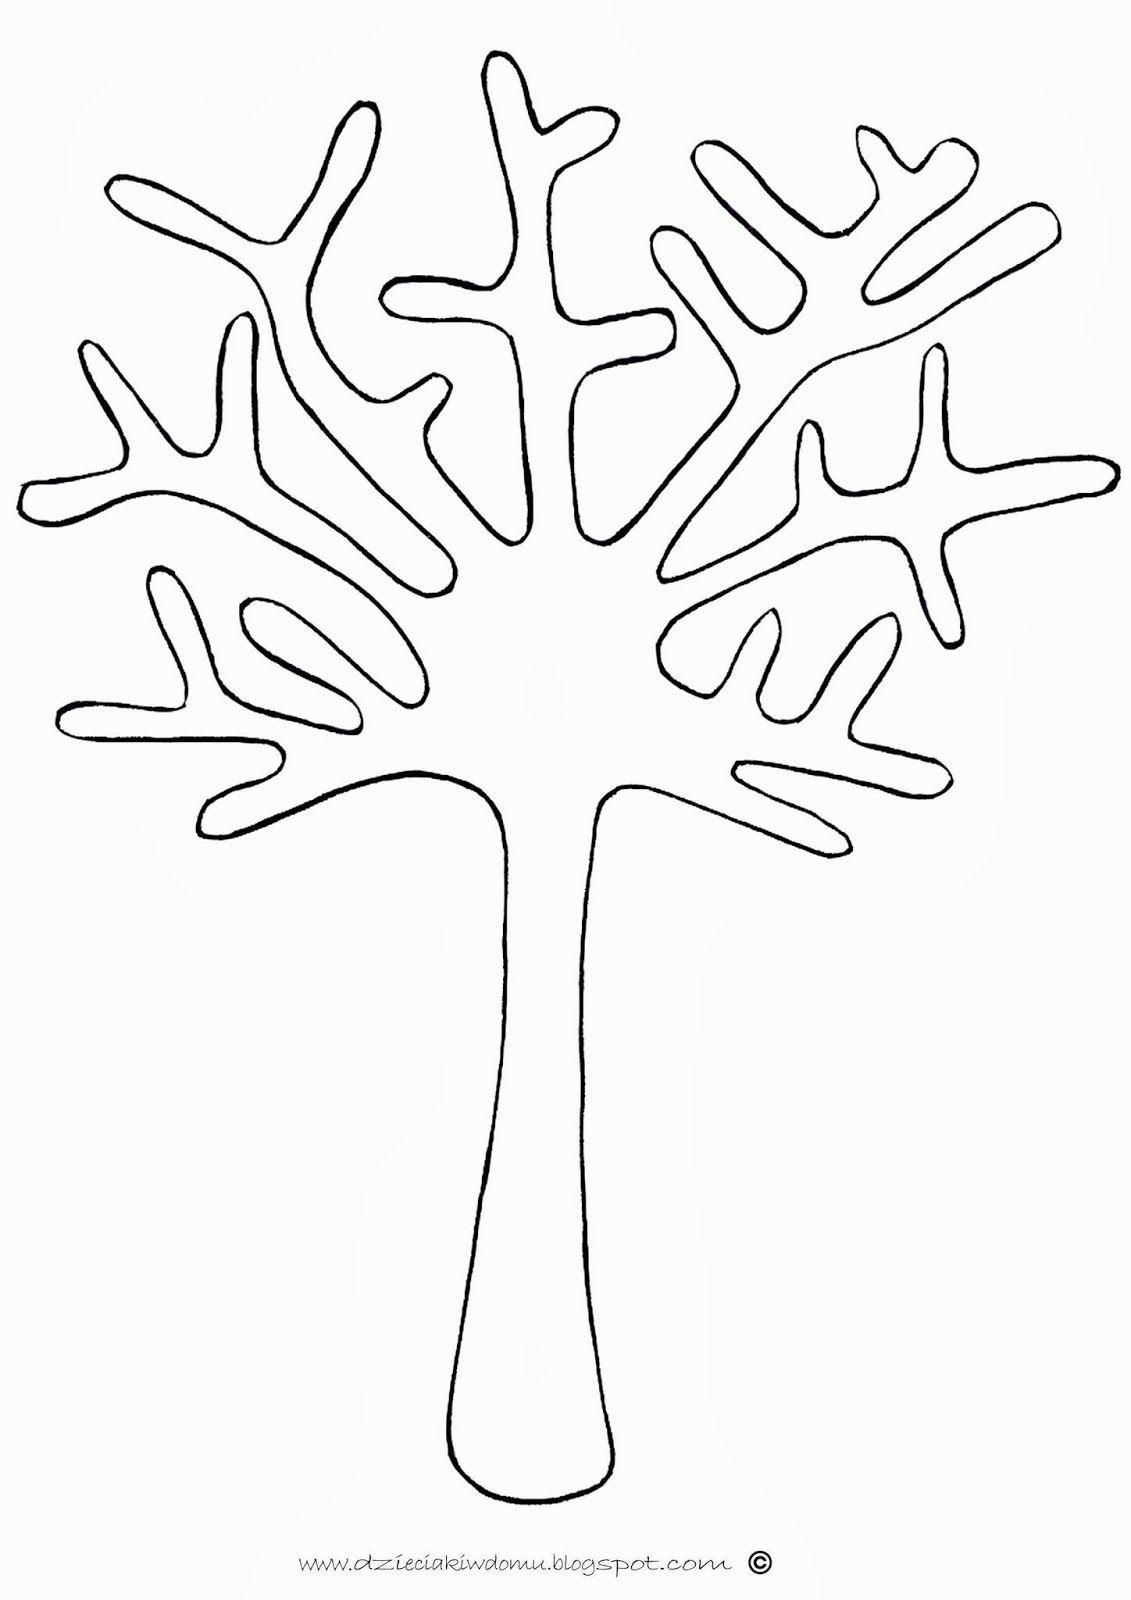 Jesienne Drzewa Ze Skorupek With Images Szablony Do Druku Szablony Drzewa